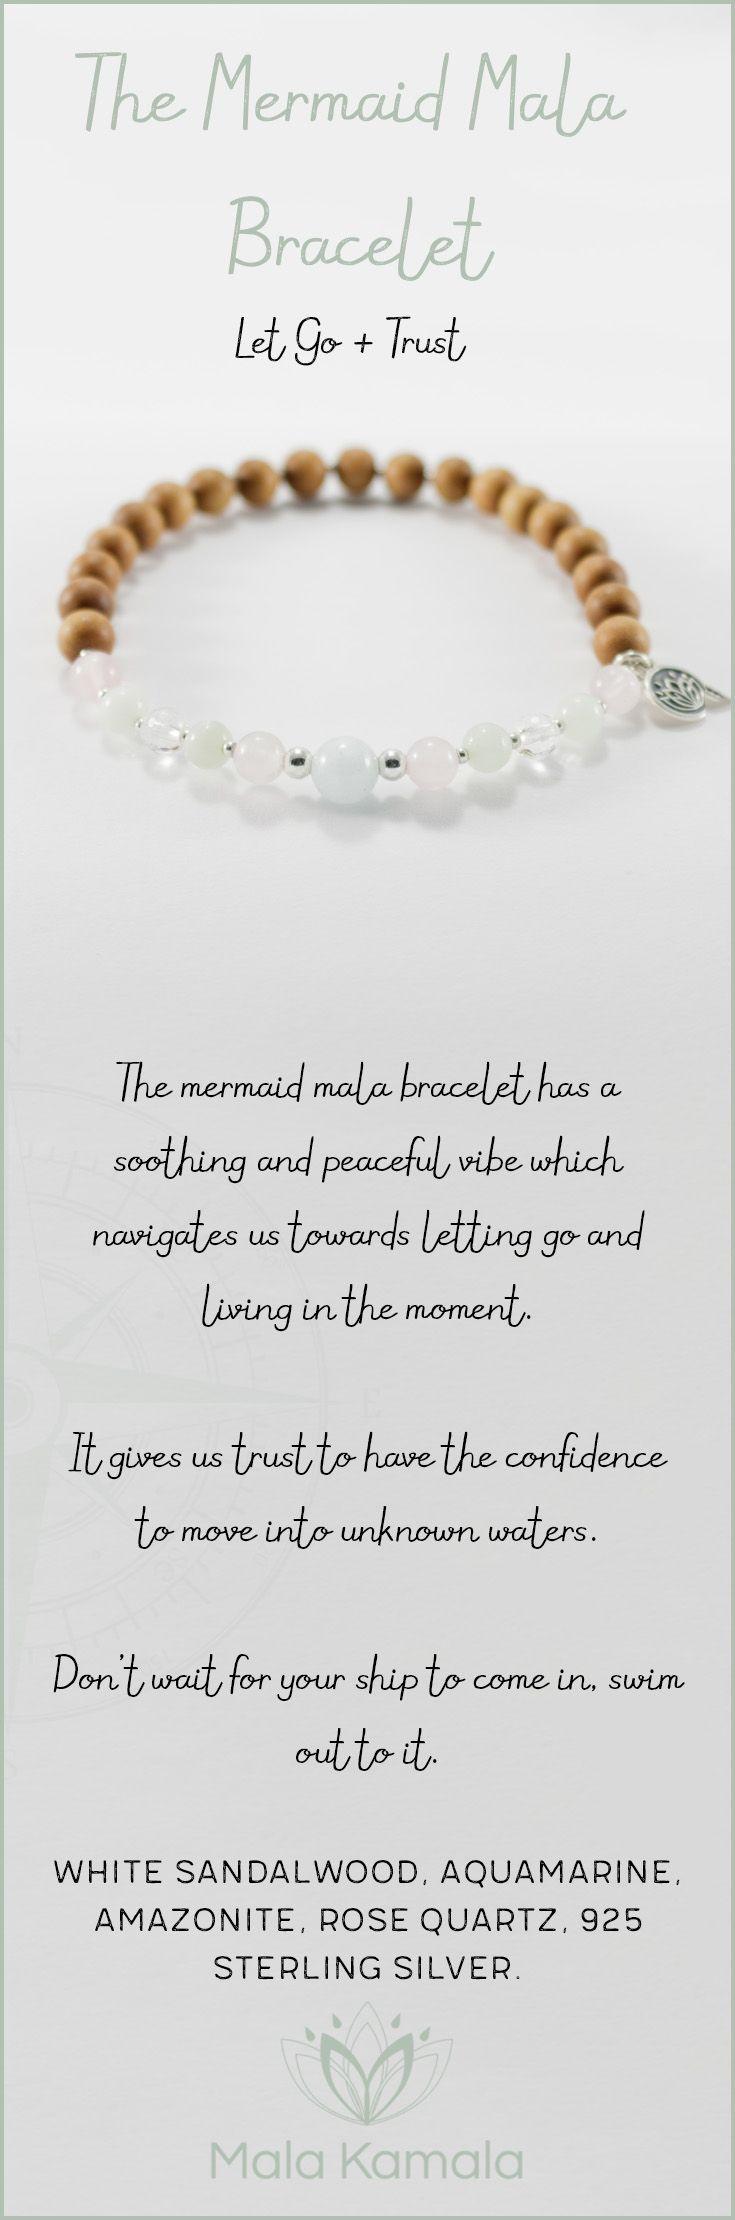 The Mermaid Mala Bracelet For Letting Go,